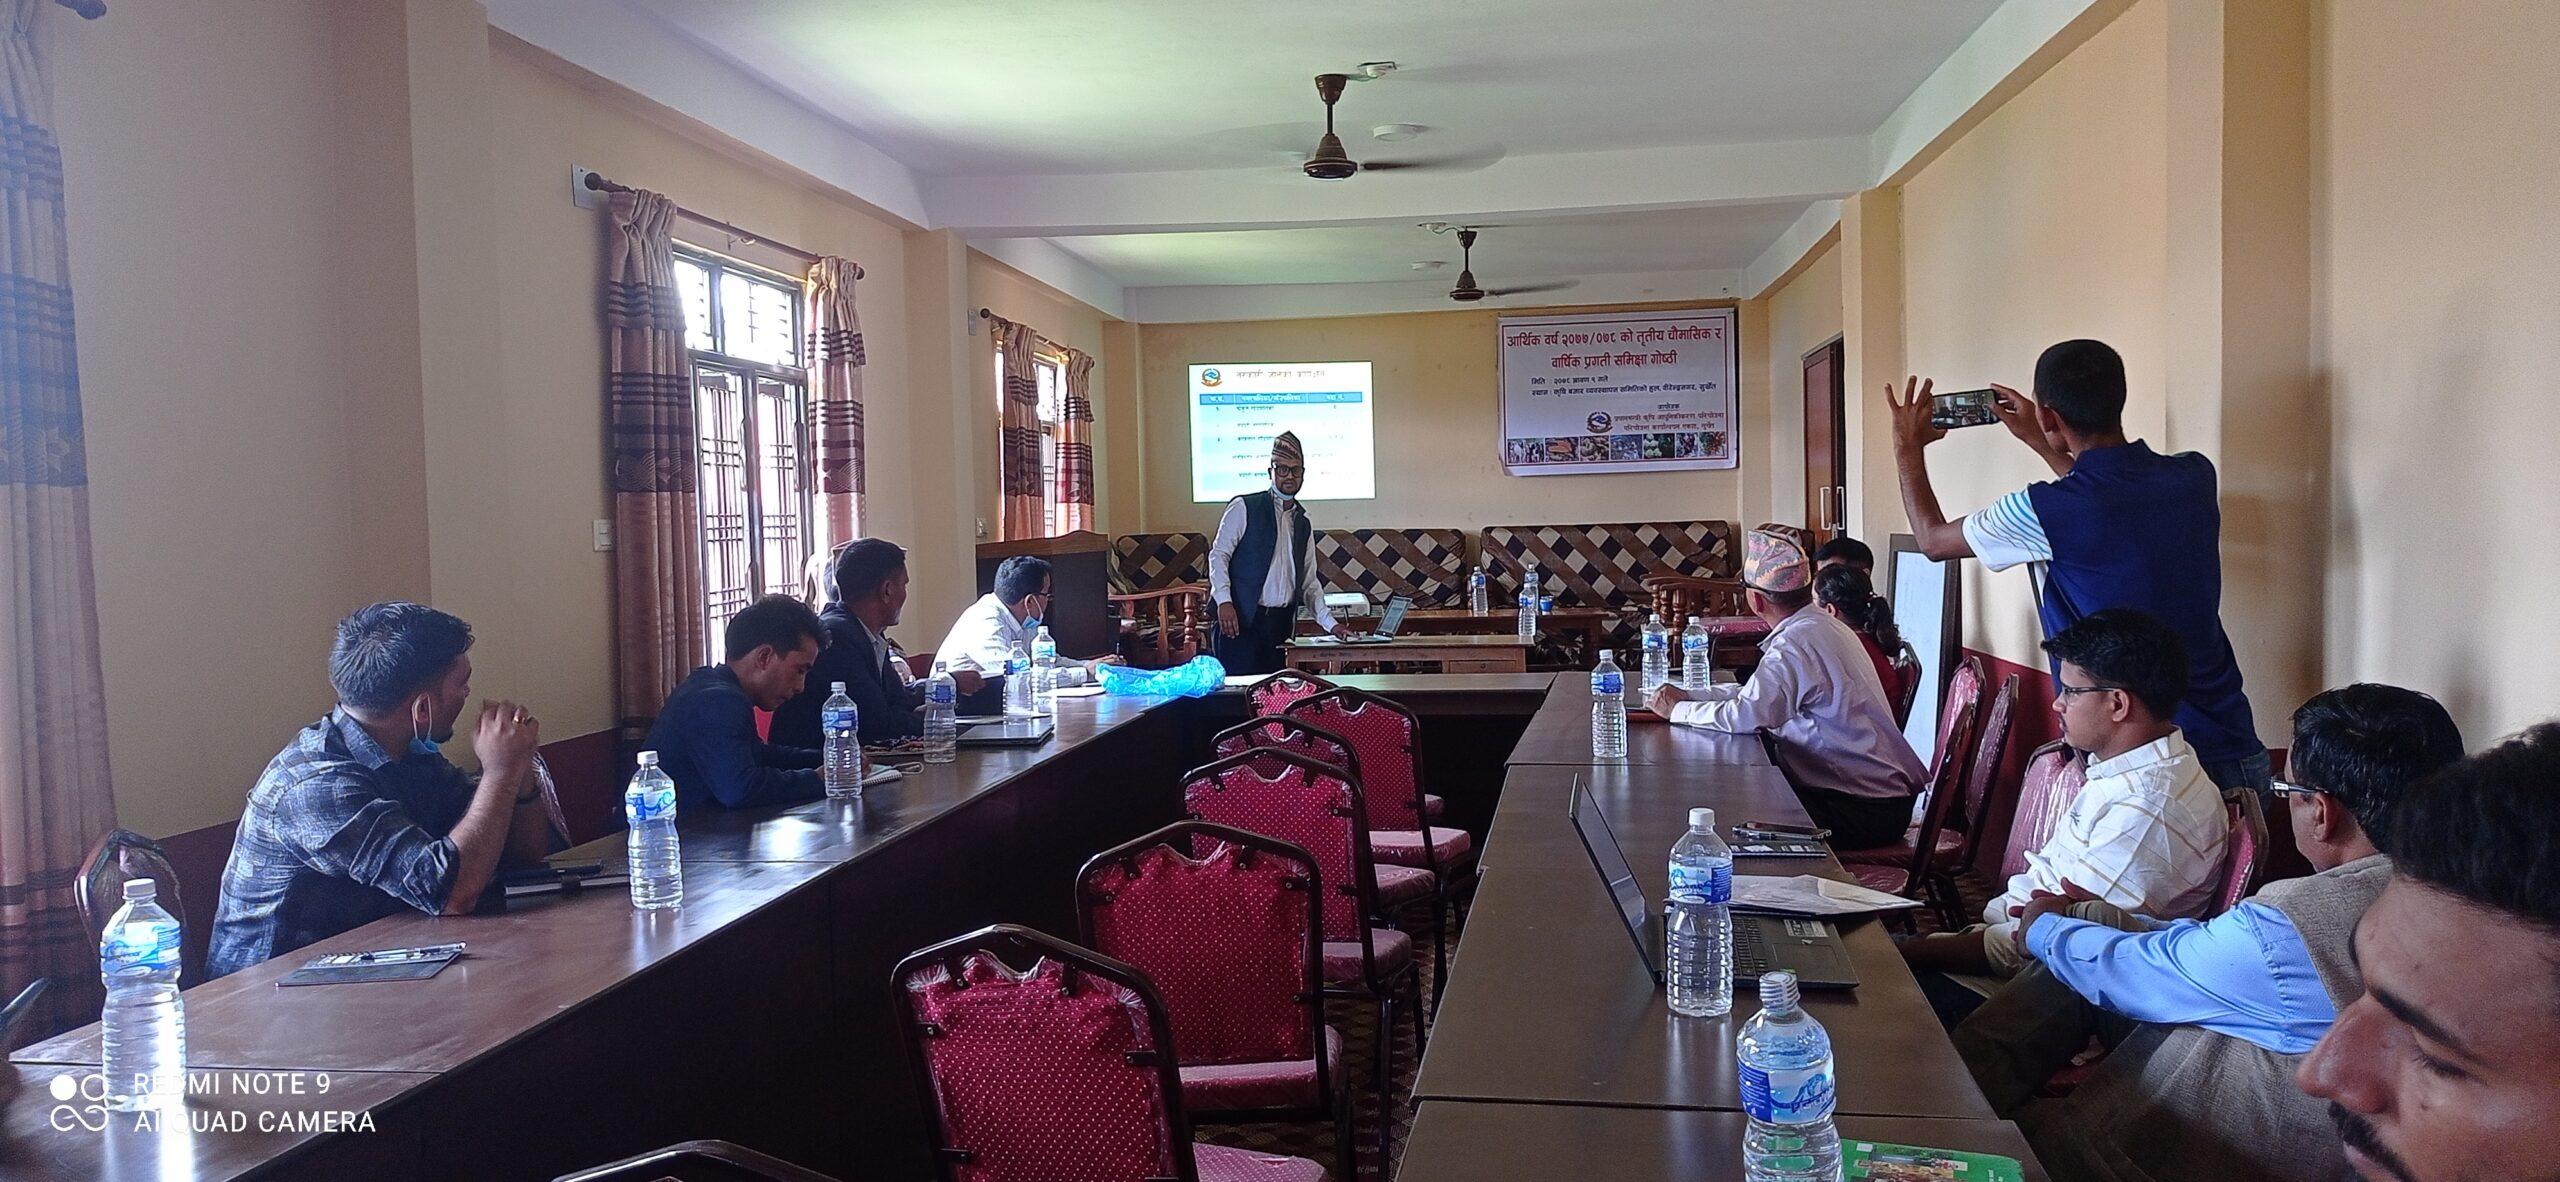 सुर्खेतमा प्रधानमन्त्री कृषि आधुनिकीकरणको समिक्षा कार्यक्रम सम्पन्न